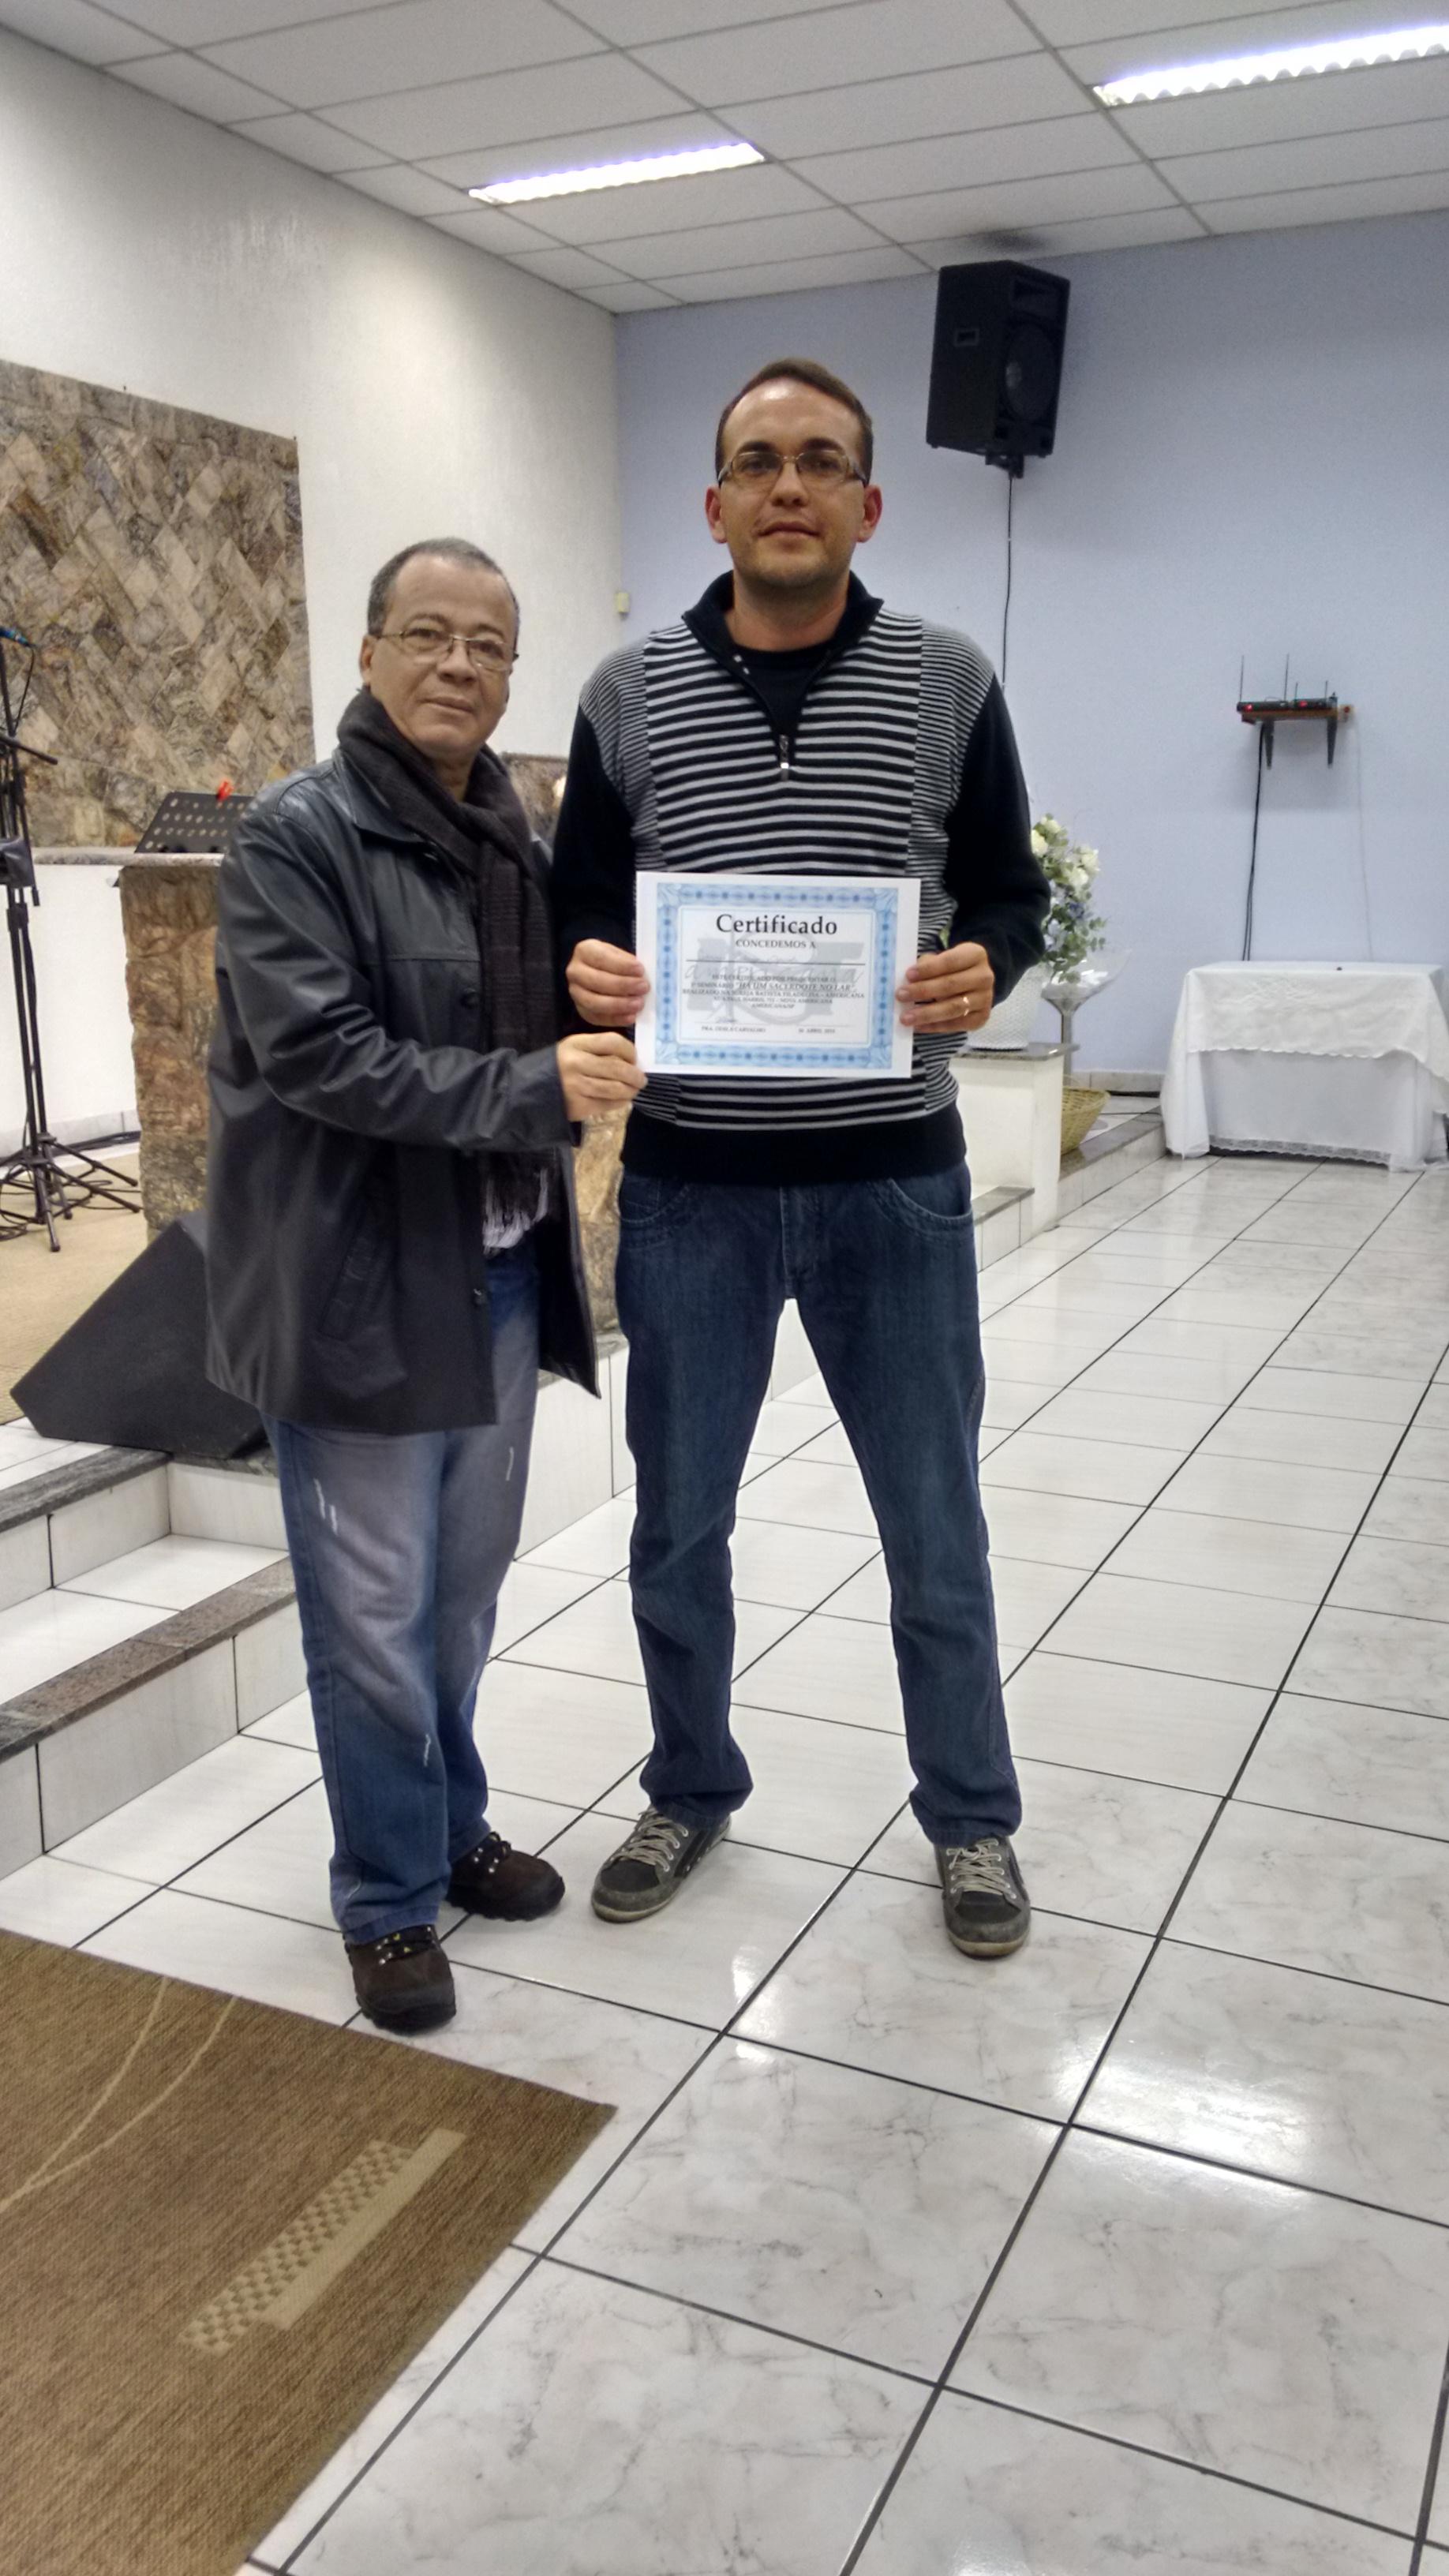 Igreja Batista Filadélfia de Americana/SP - Encontro de Homens